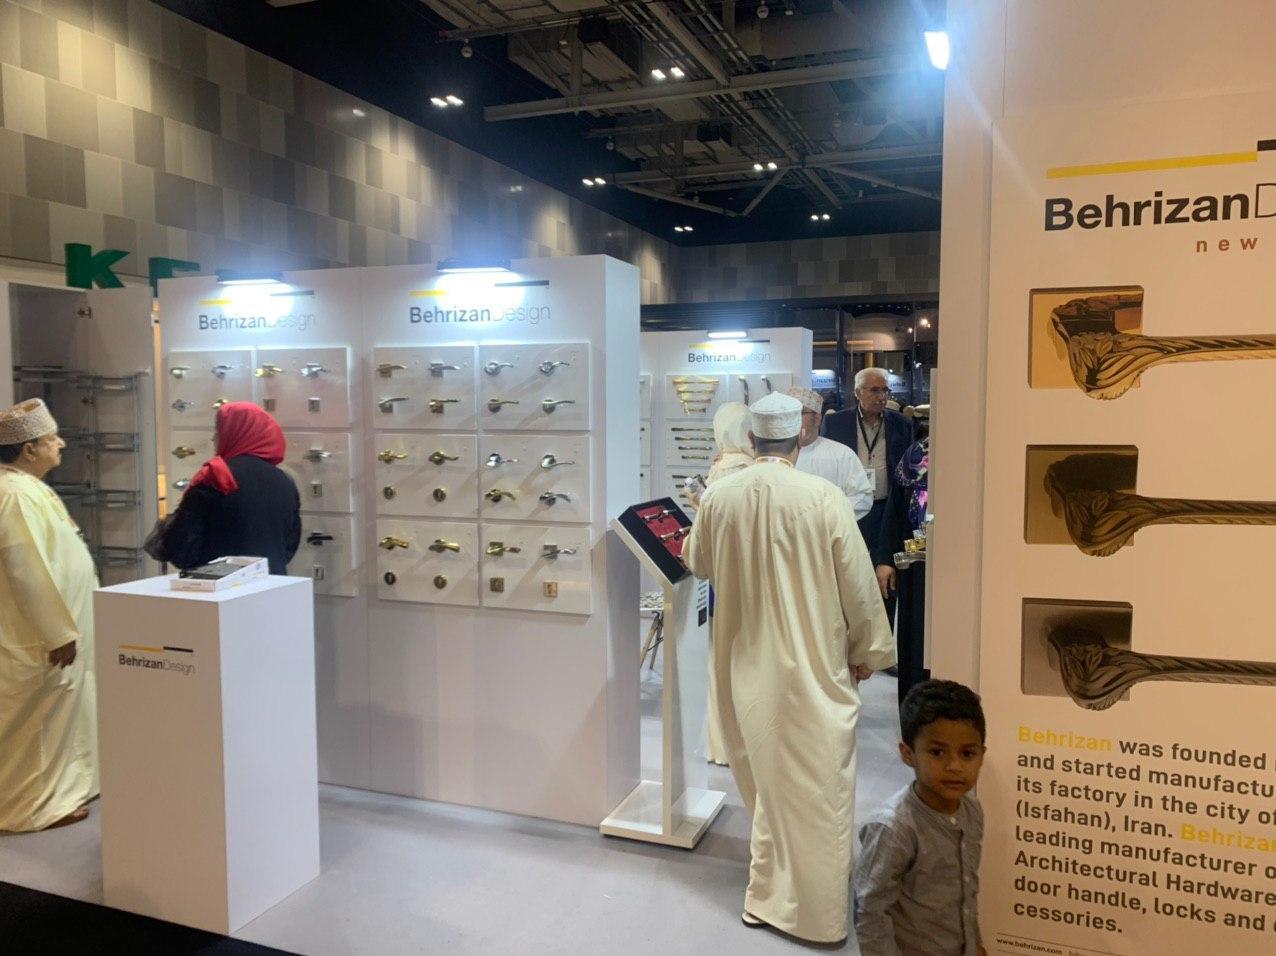 غرفه بهریزان در نمایشگاه عمان